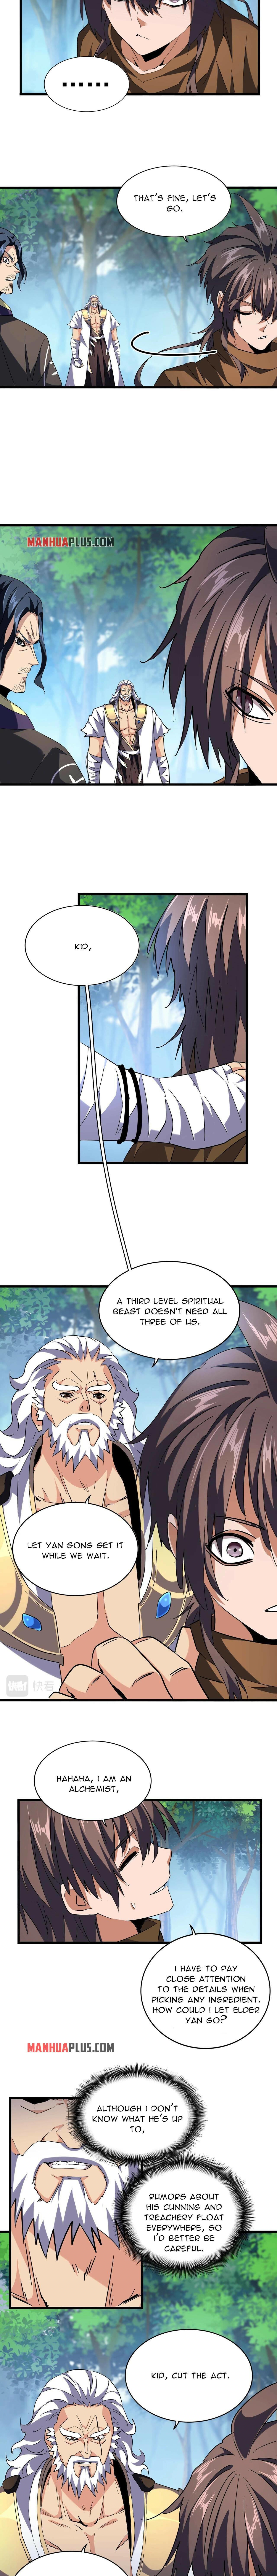 Magic Emperor Chapter 214 page 7 - Mangakakalot